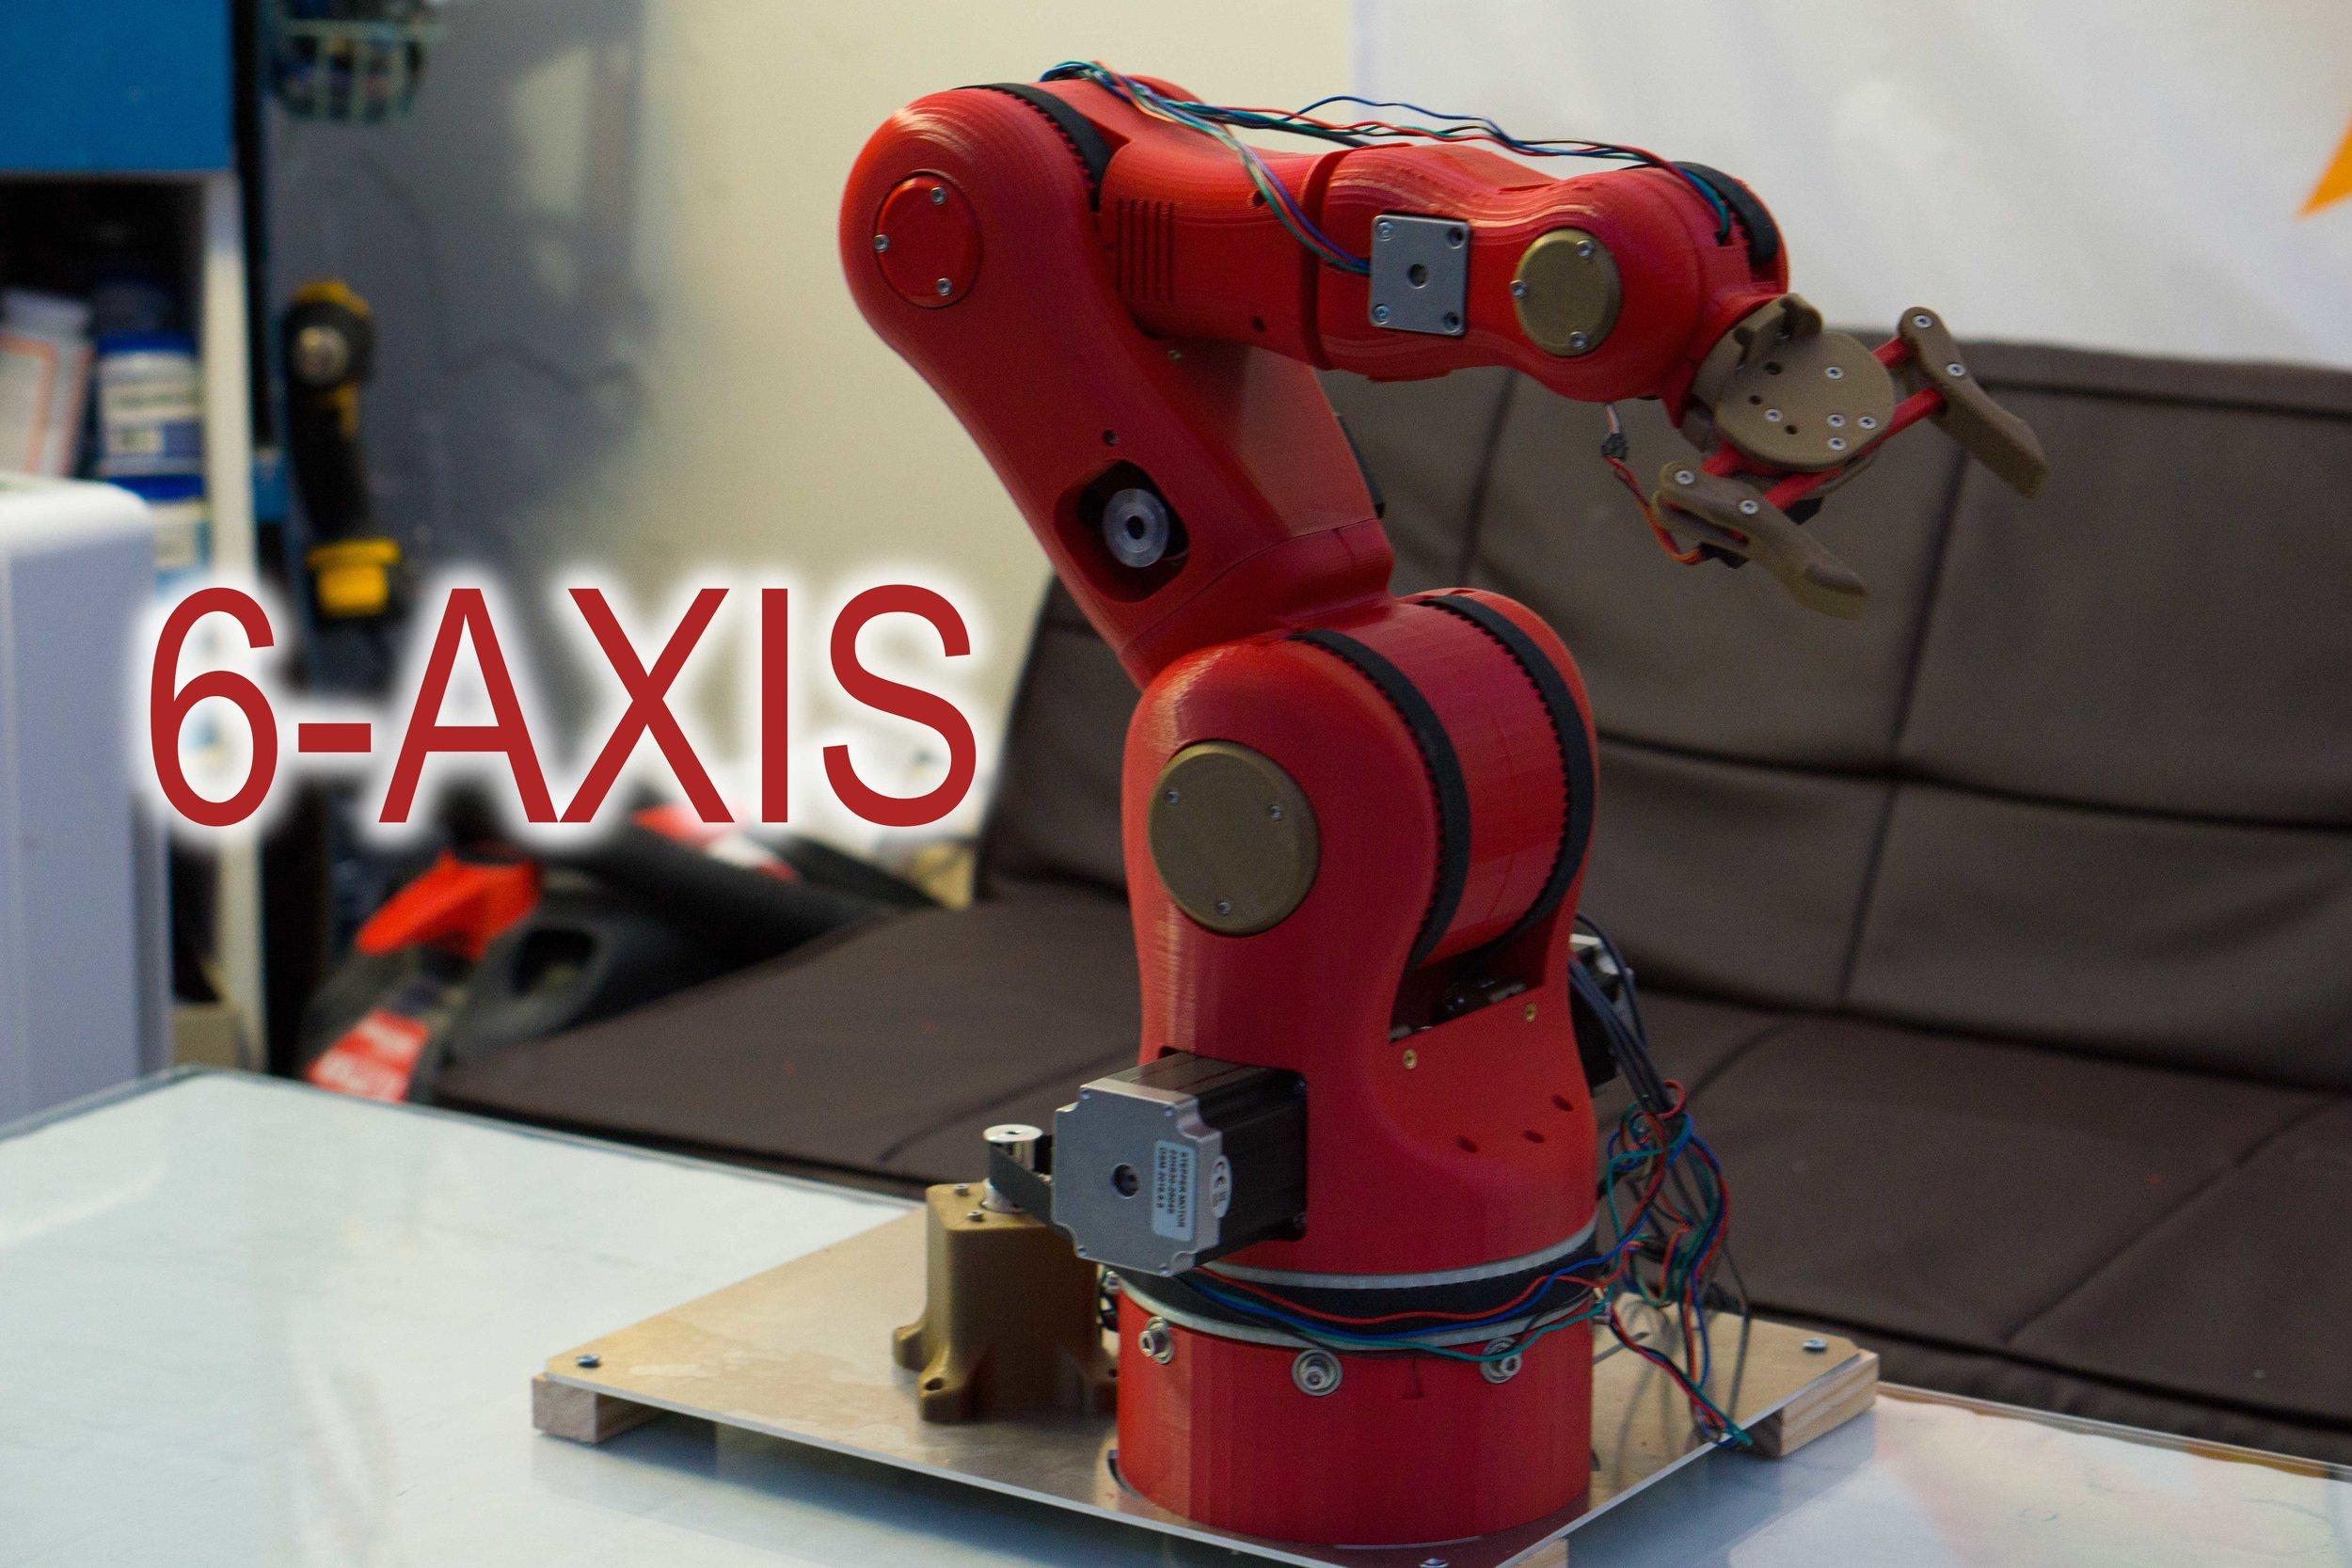 6-Axis Robotic Arm